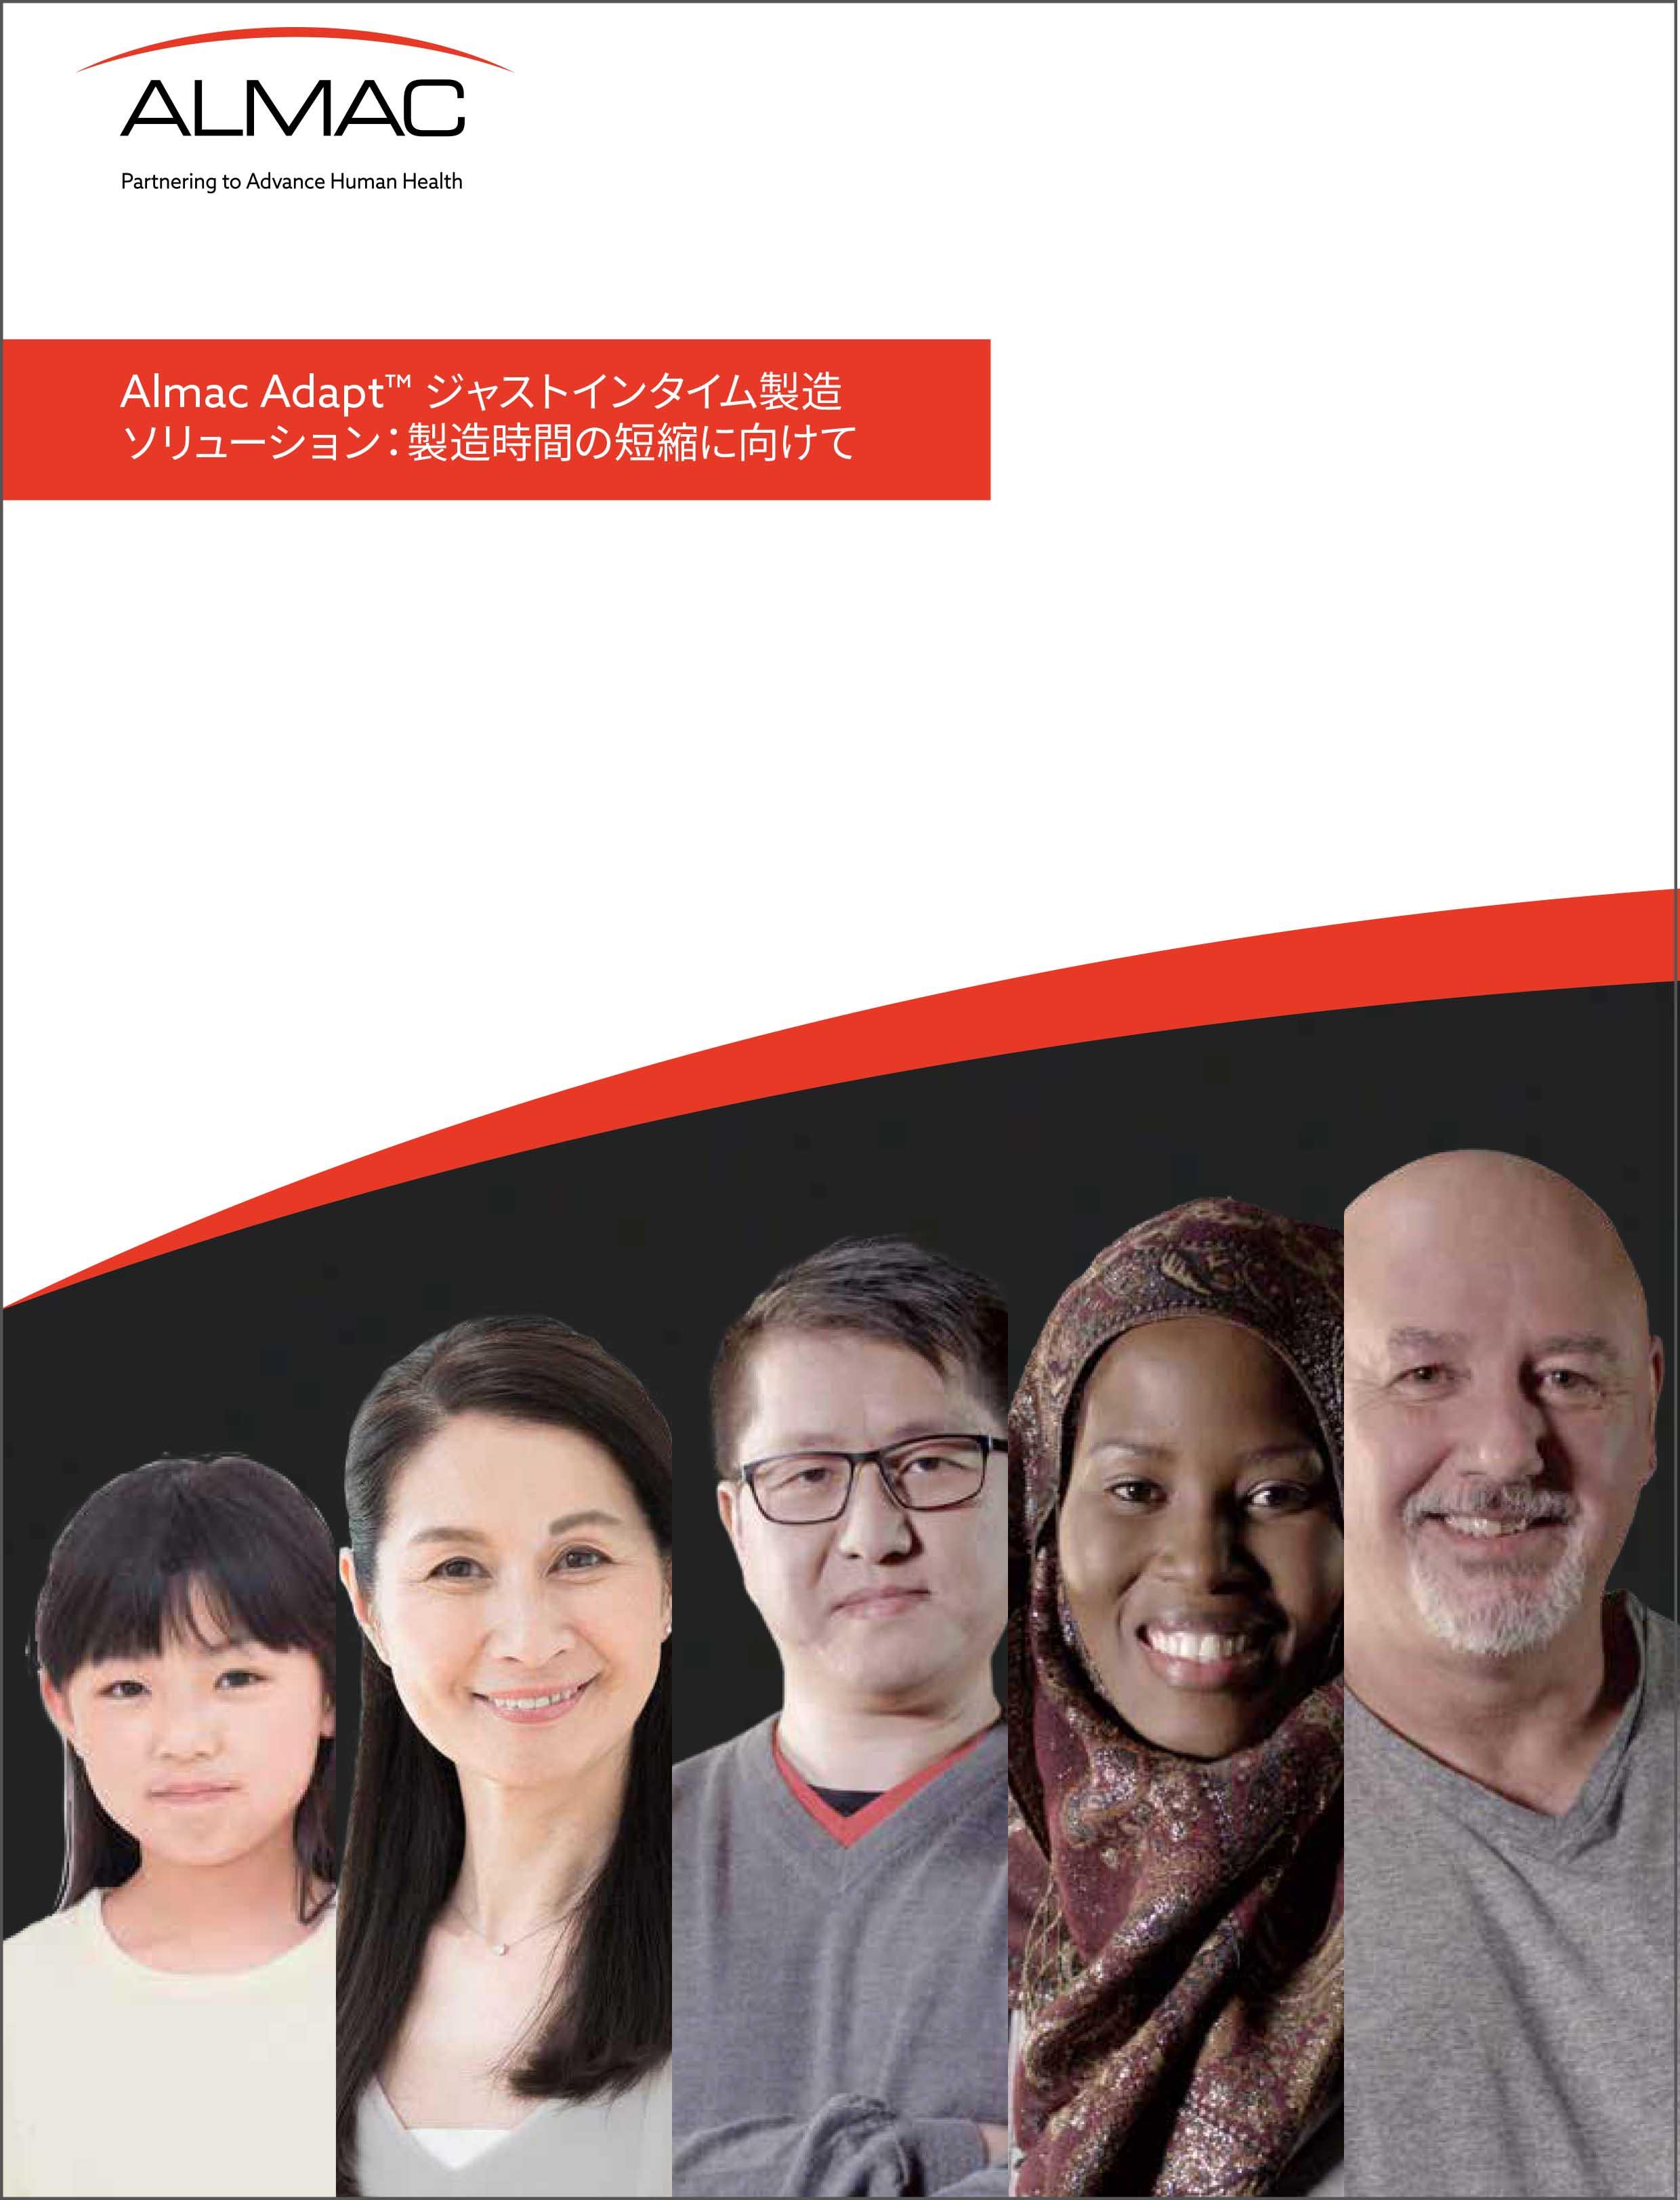 パンフレット:「Almac Adapt™」ジャストインタイム製造ソリューション